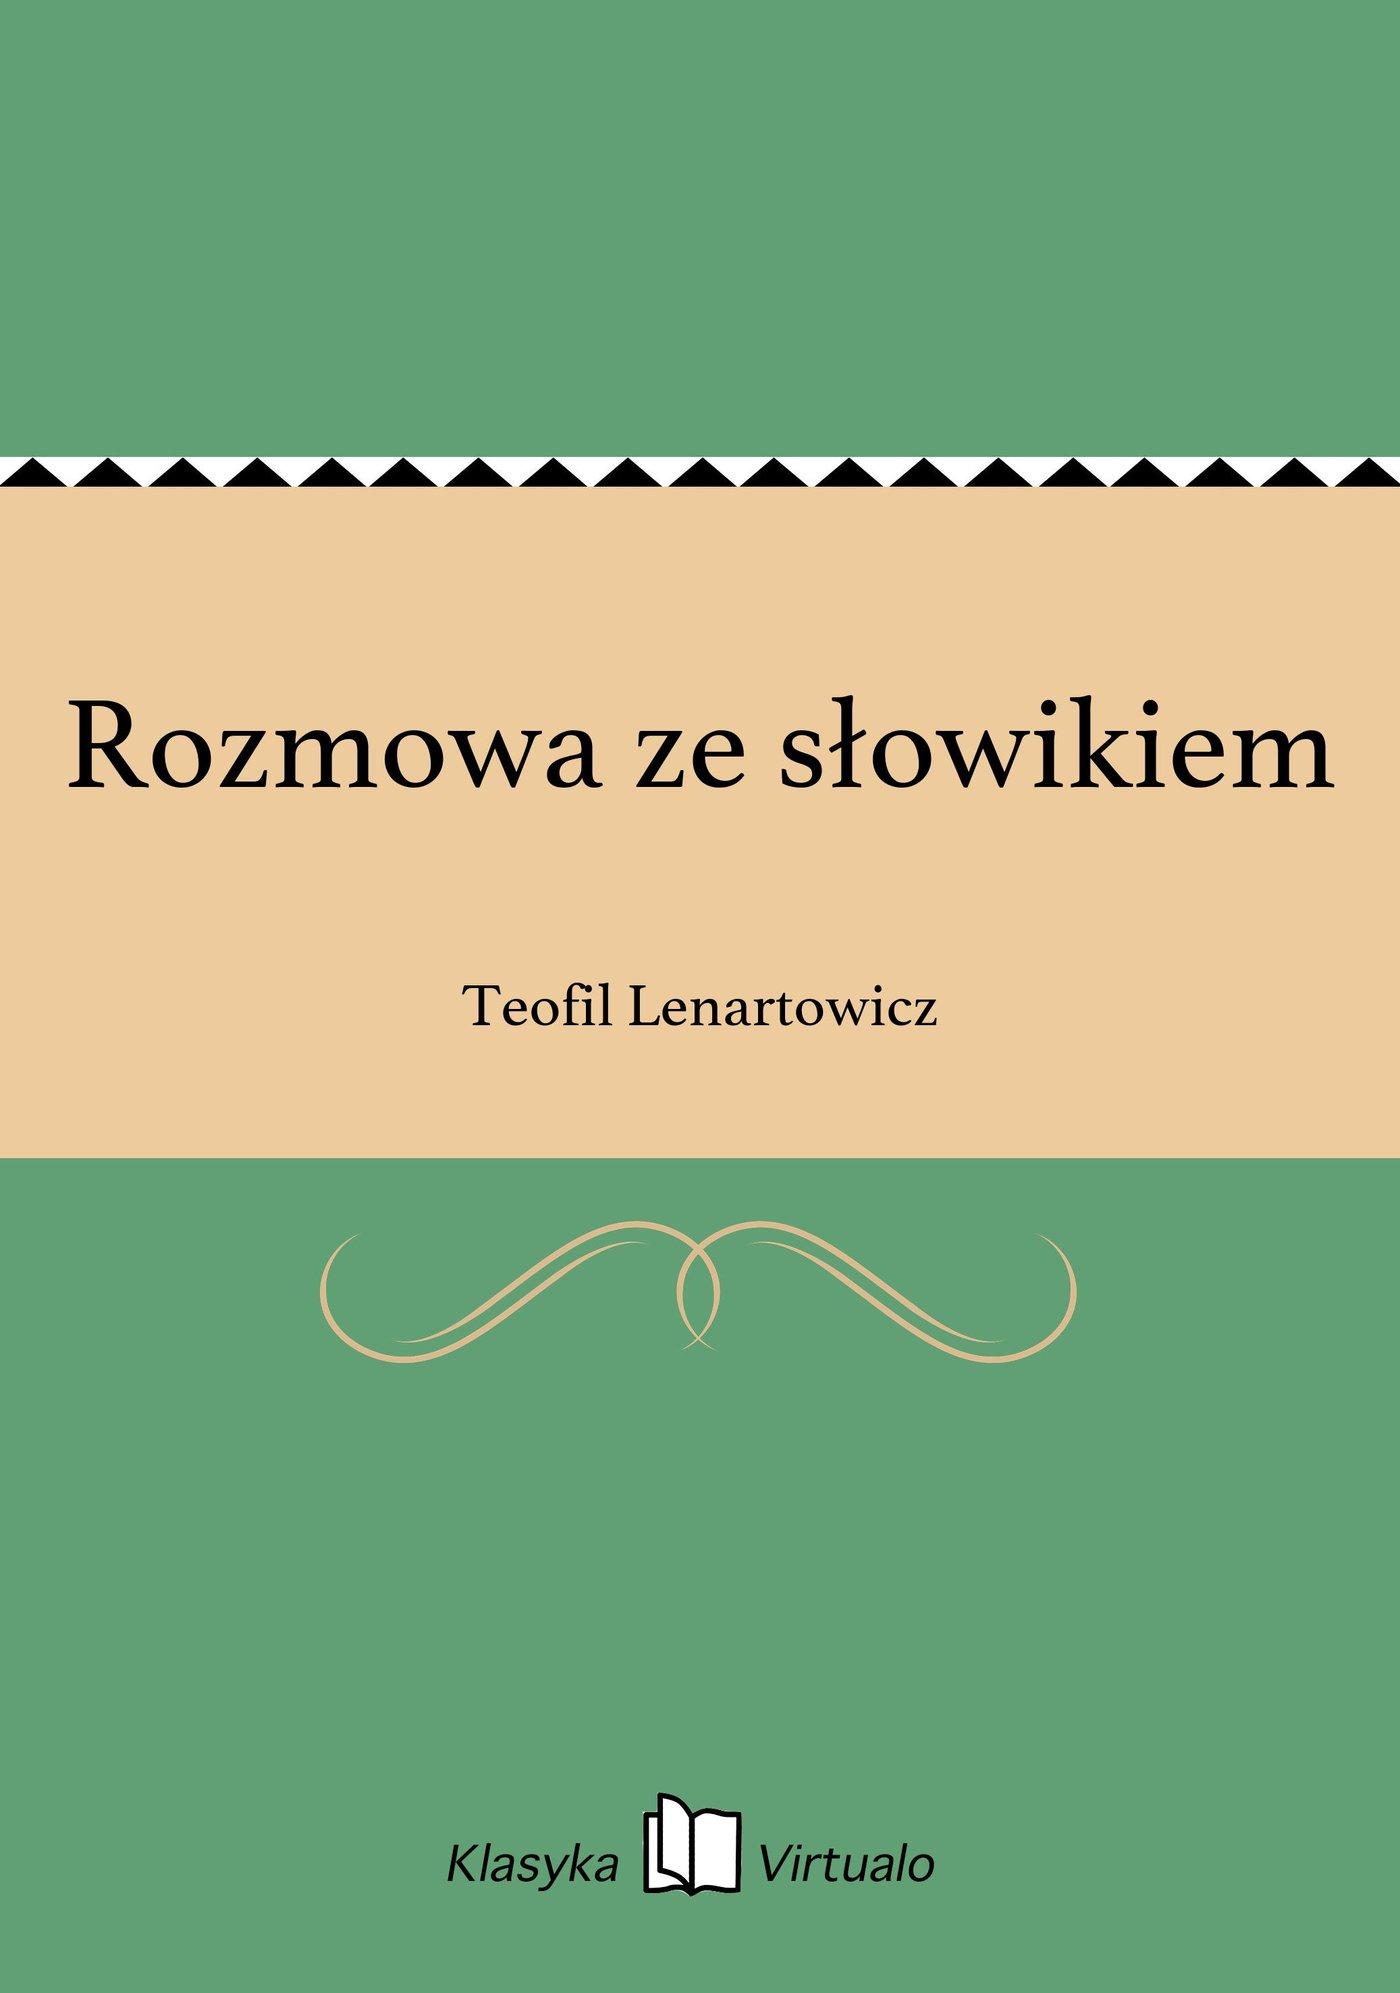 Rozmowa ze słowikiem - Ebook (Książka EPUB) do pobrania w formacie EPUB